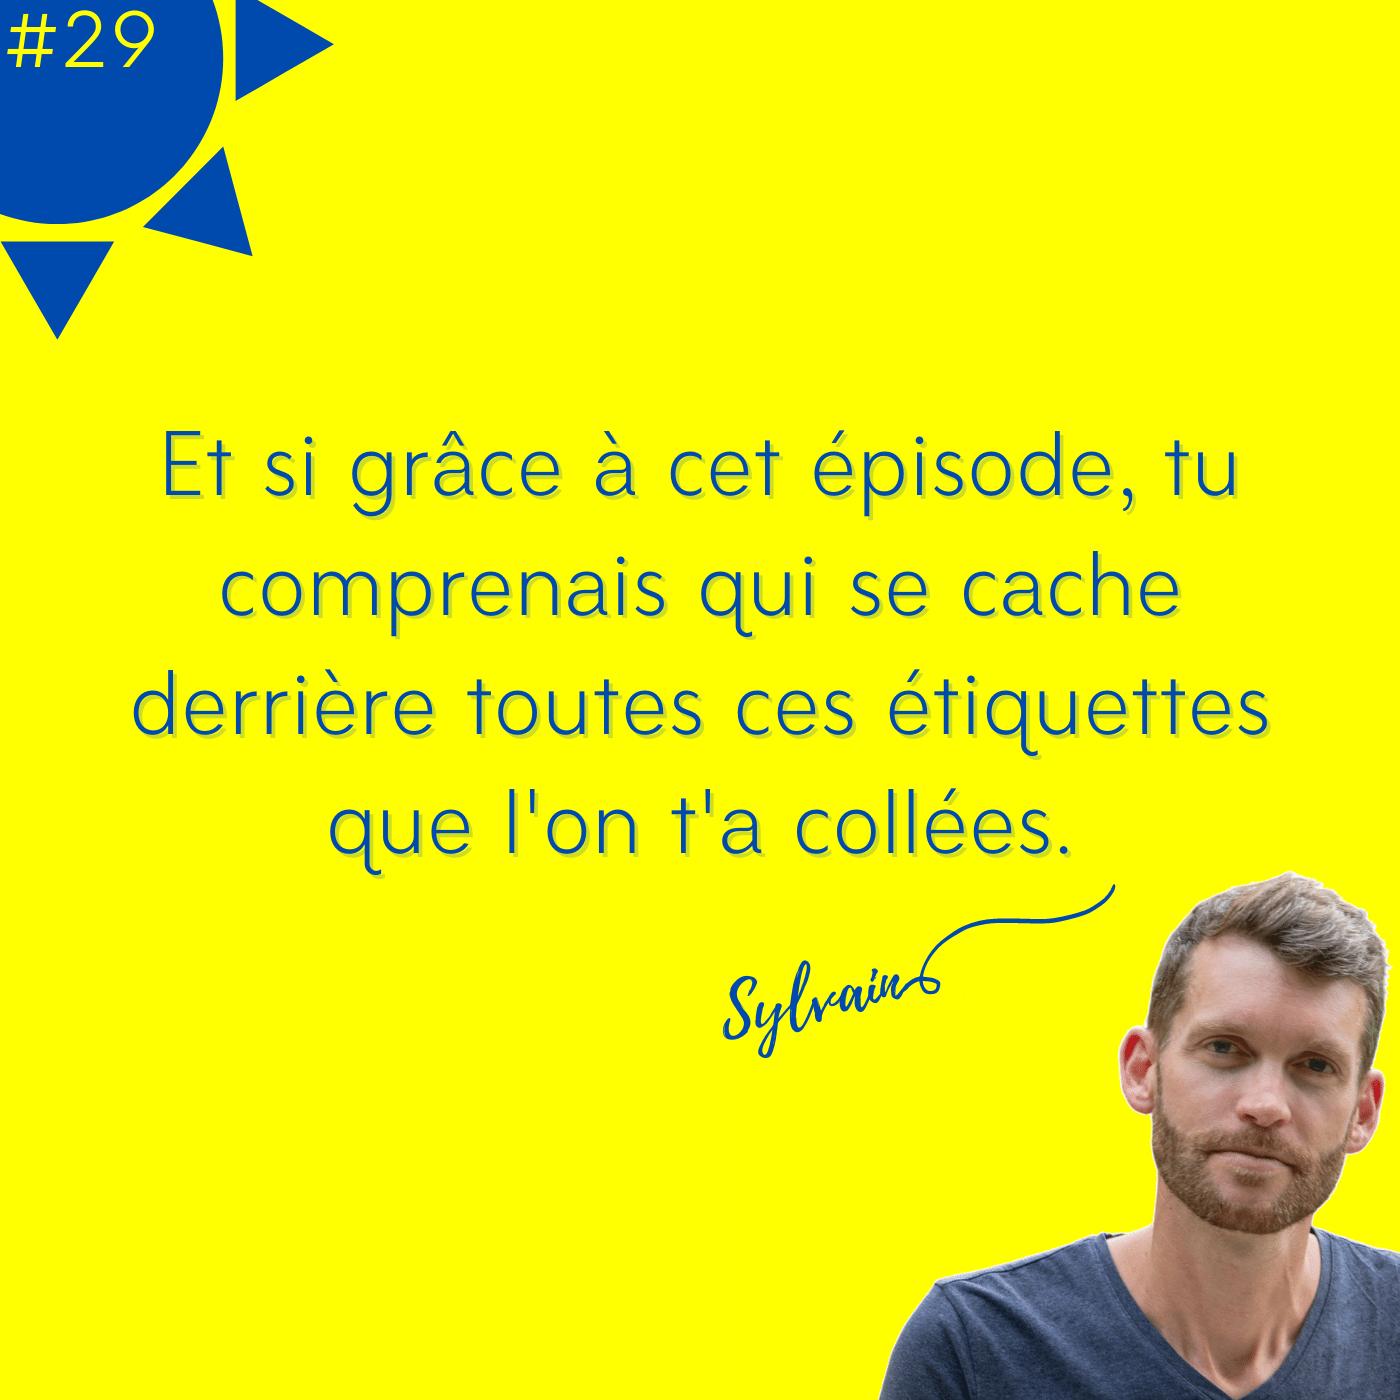 episode S1E111